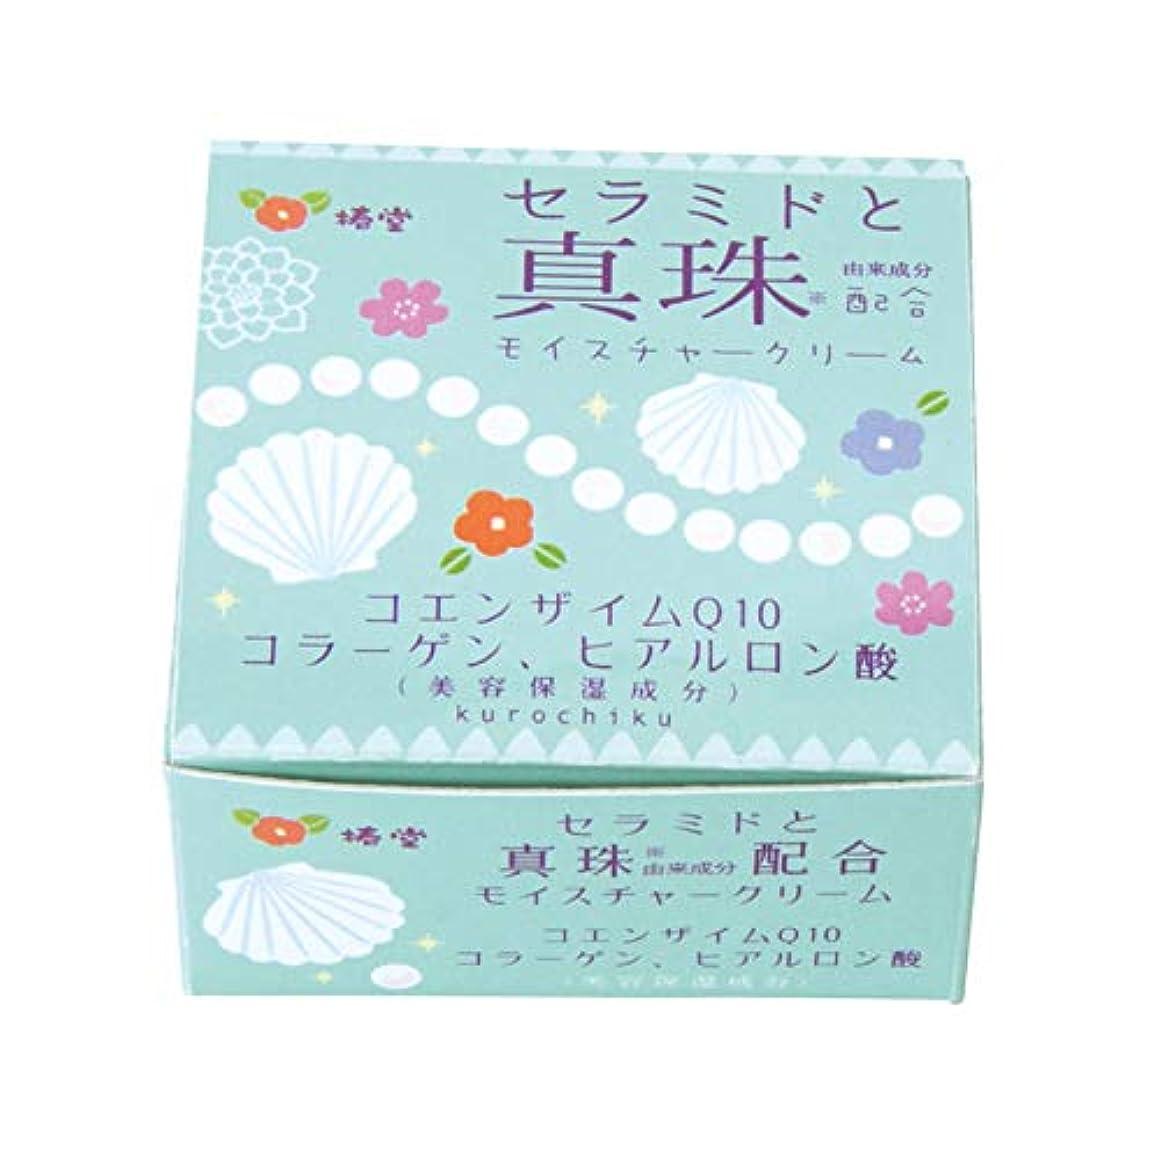 ハッピー透けて見える椅子椿堂 真珠モイスチャークリーム (セラミドと真珠) 京都くろちく